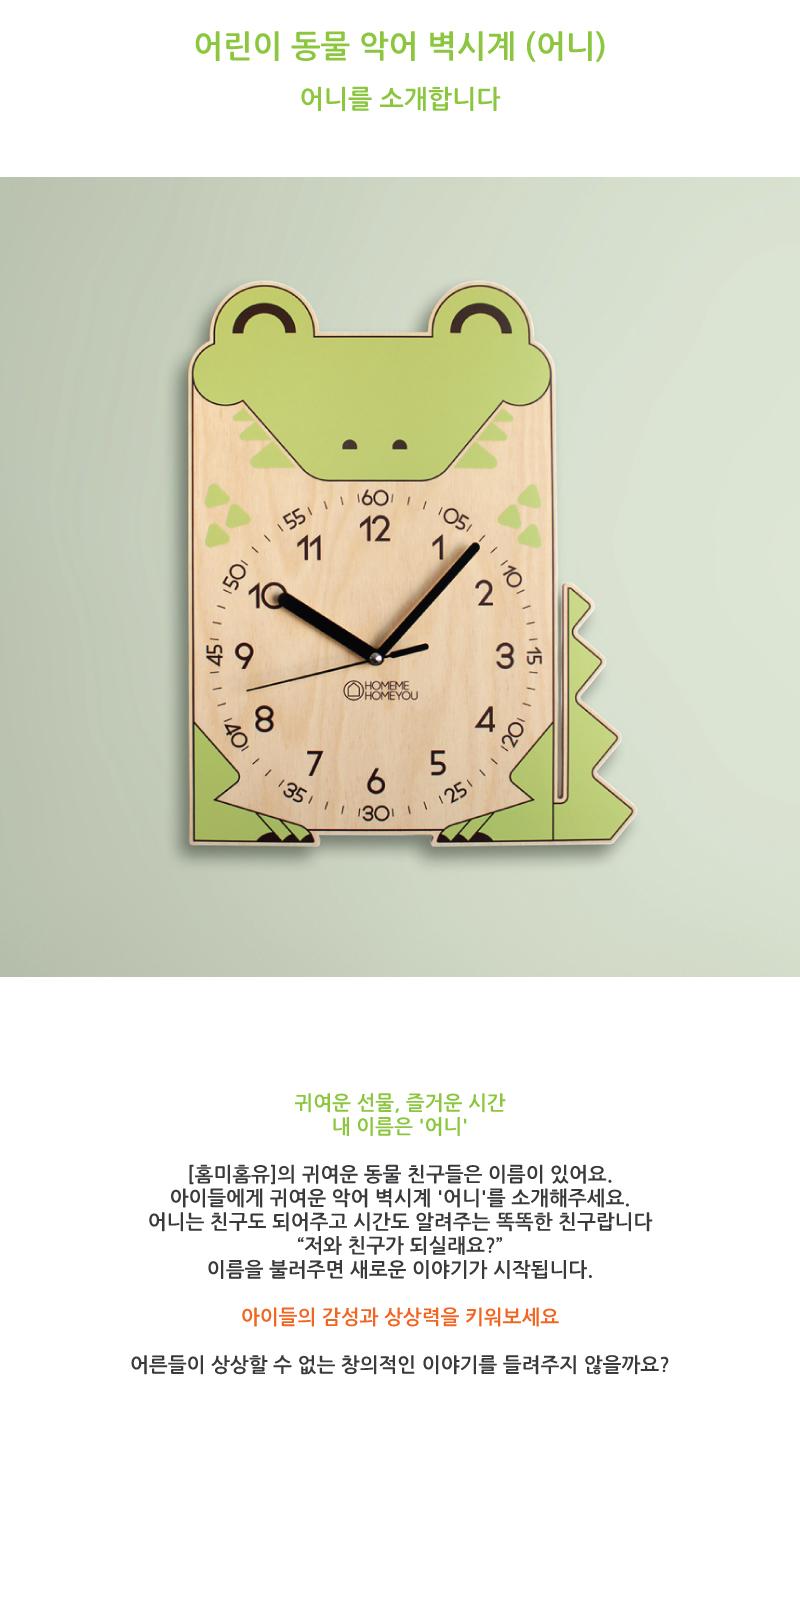 악어 동물 교육용 아동 벽시계 어니 - 홈미홈유, 39,500원, 벽시계, 우드벽시계